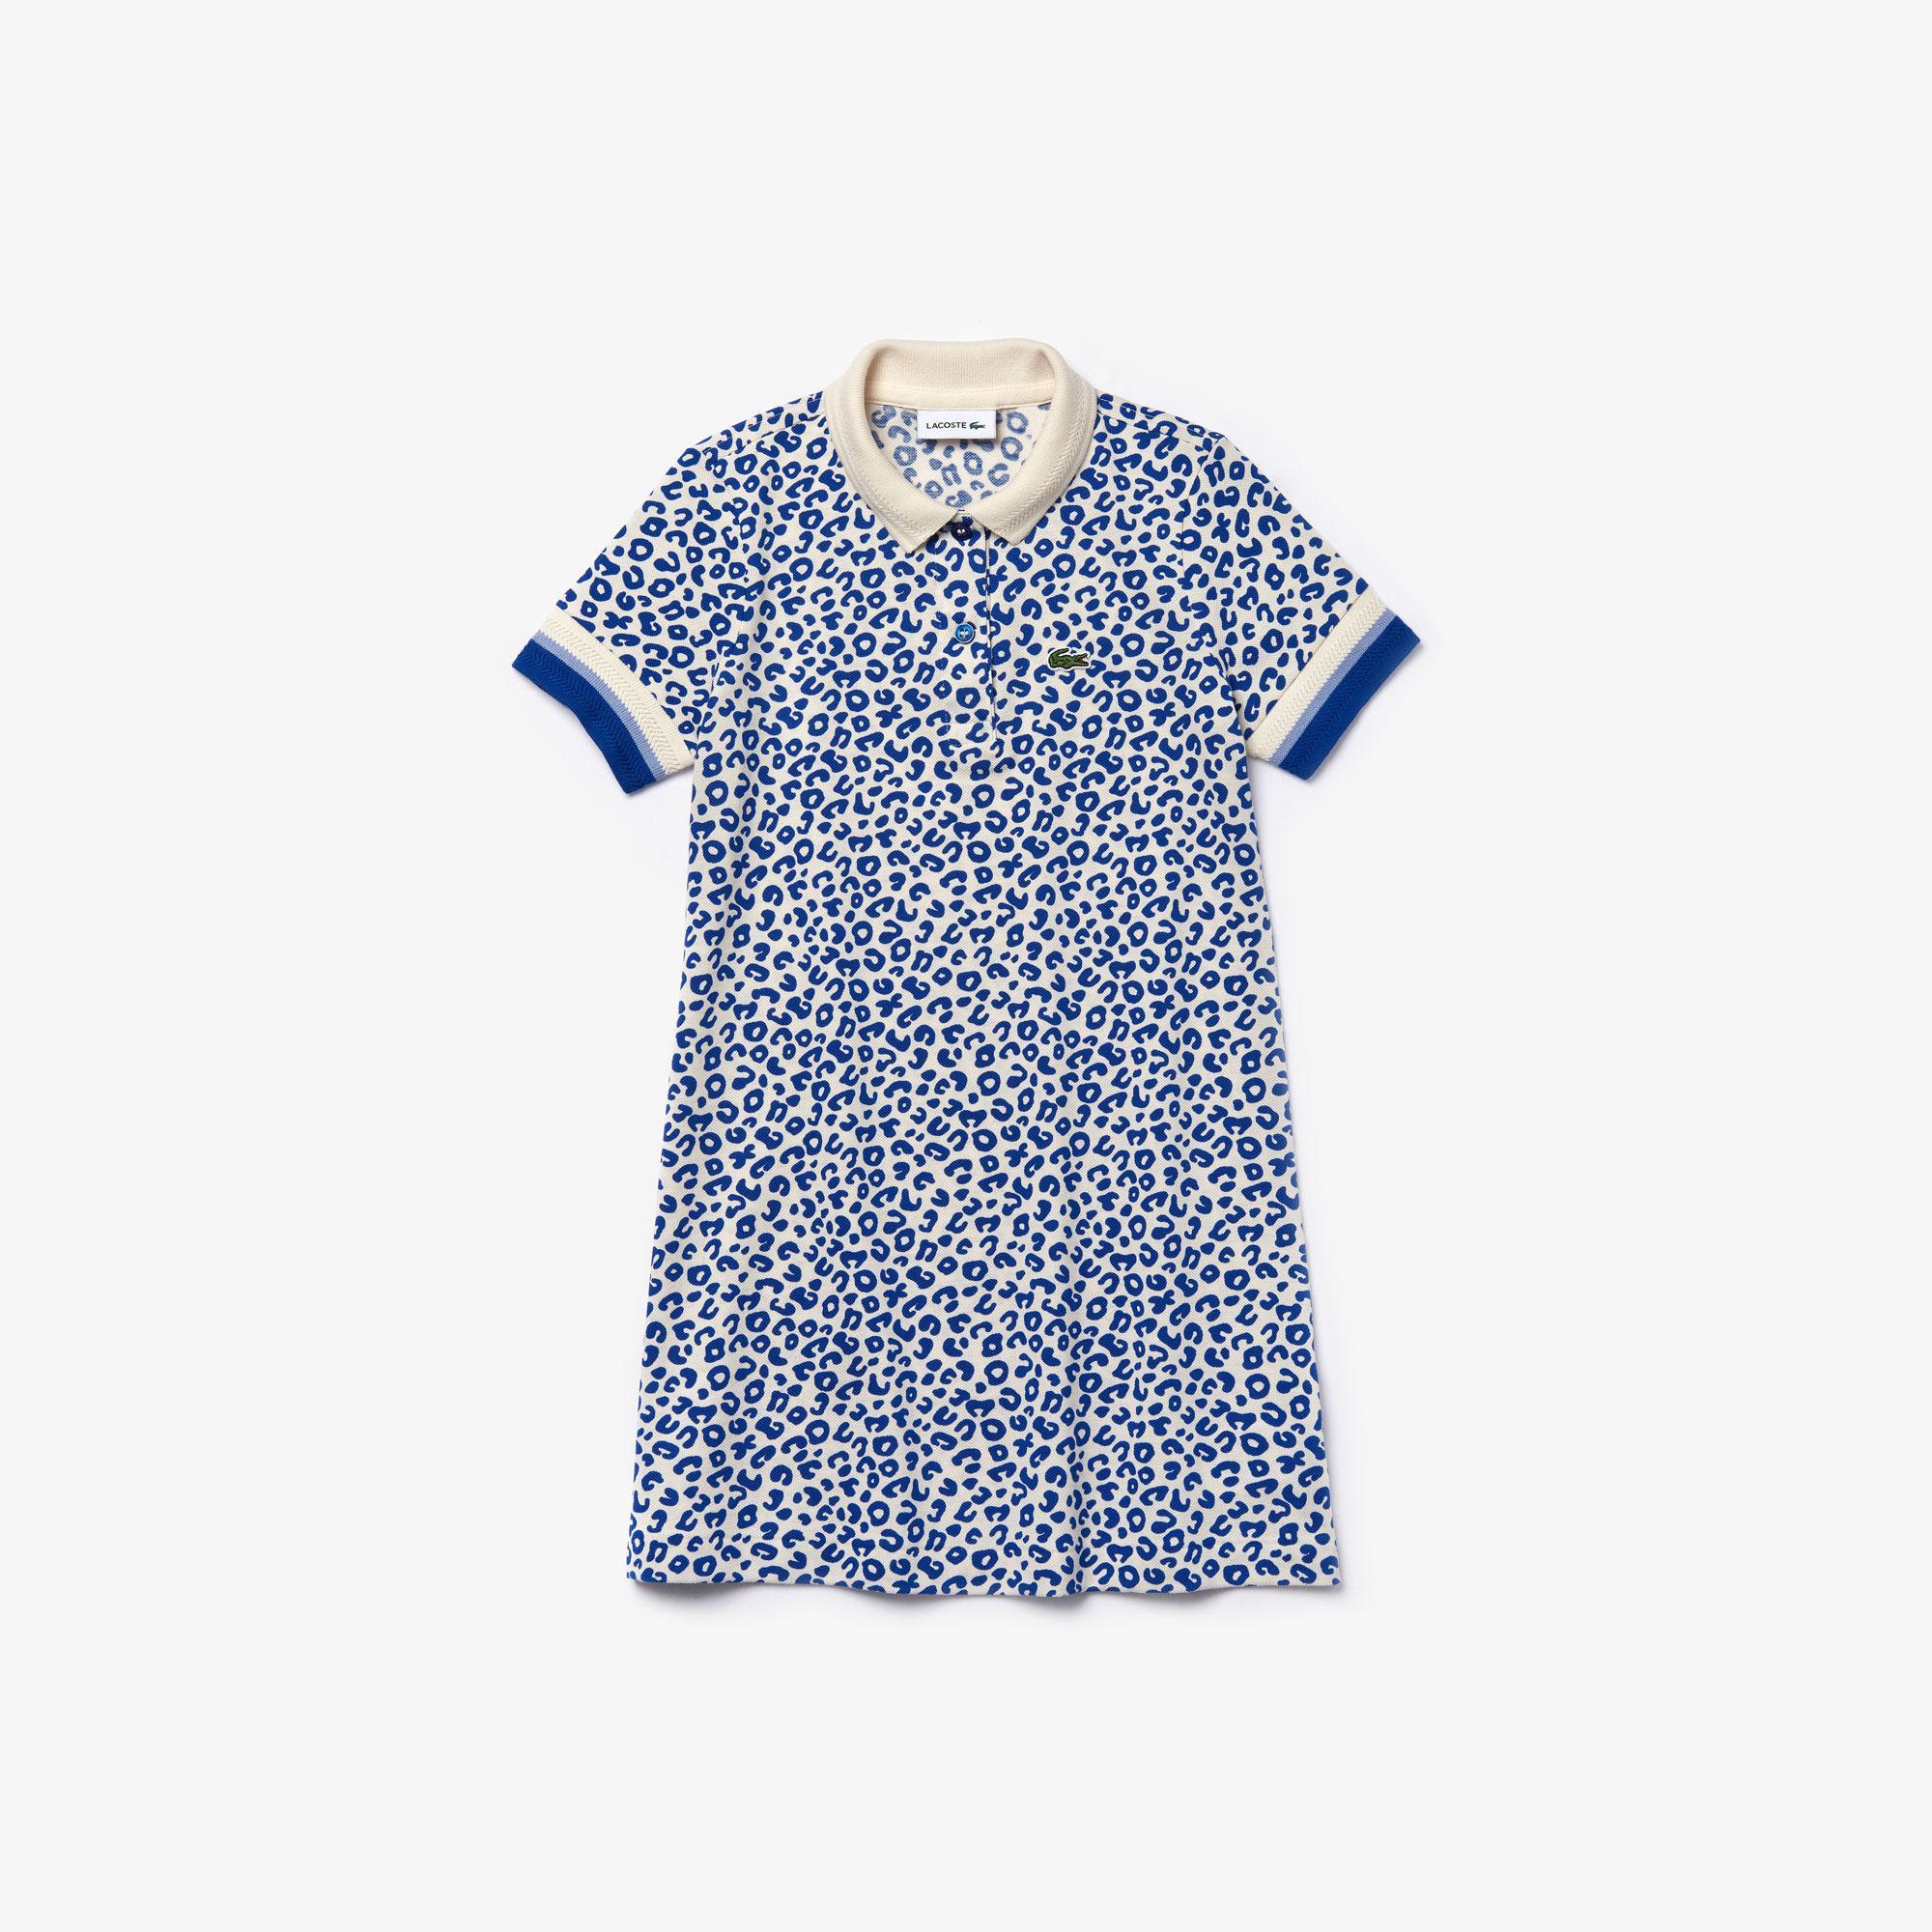 Lacoste Çocuk Polo Yaka Baskılı Kısa Kollu Saks Mavi Elbise